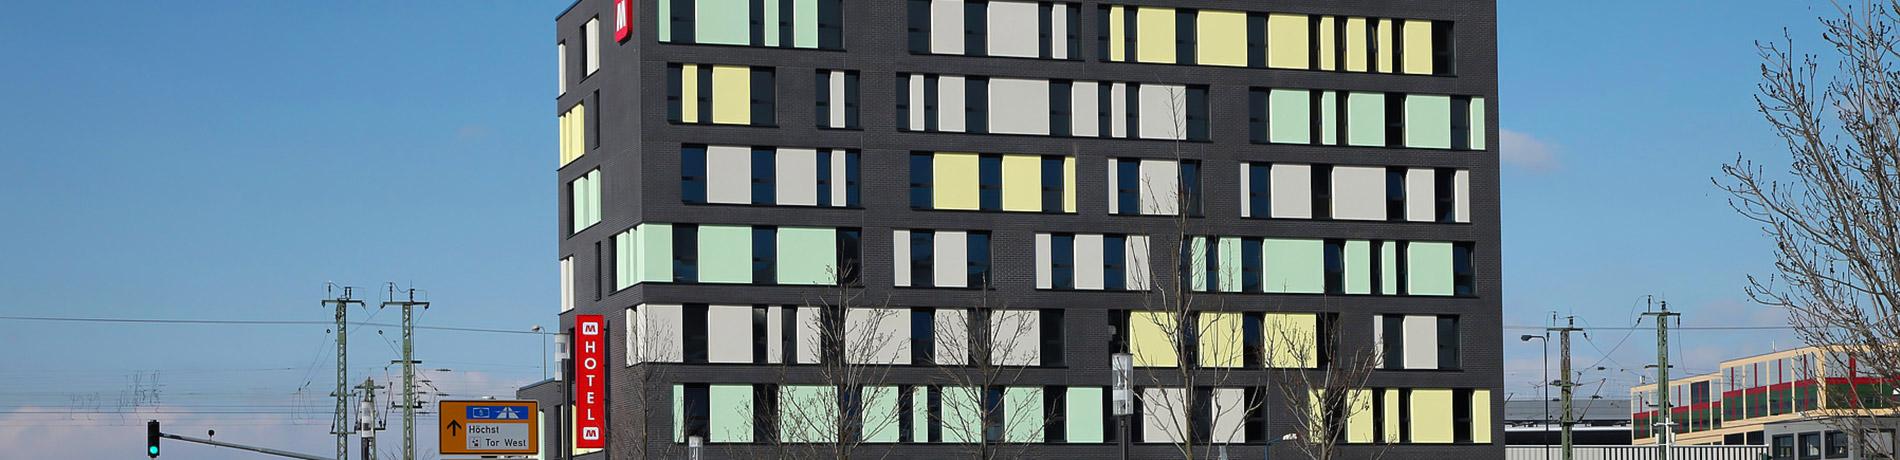 Meiniger Hotel Frankfurt